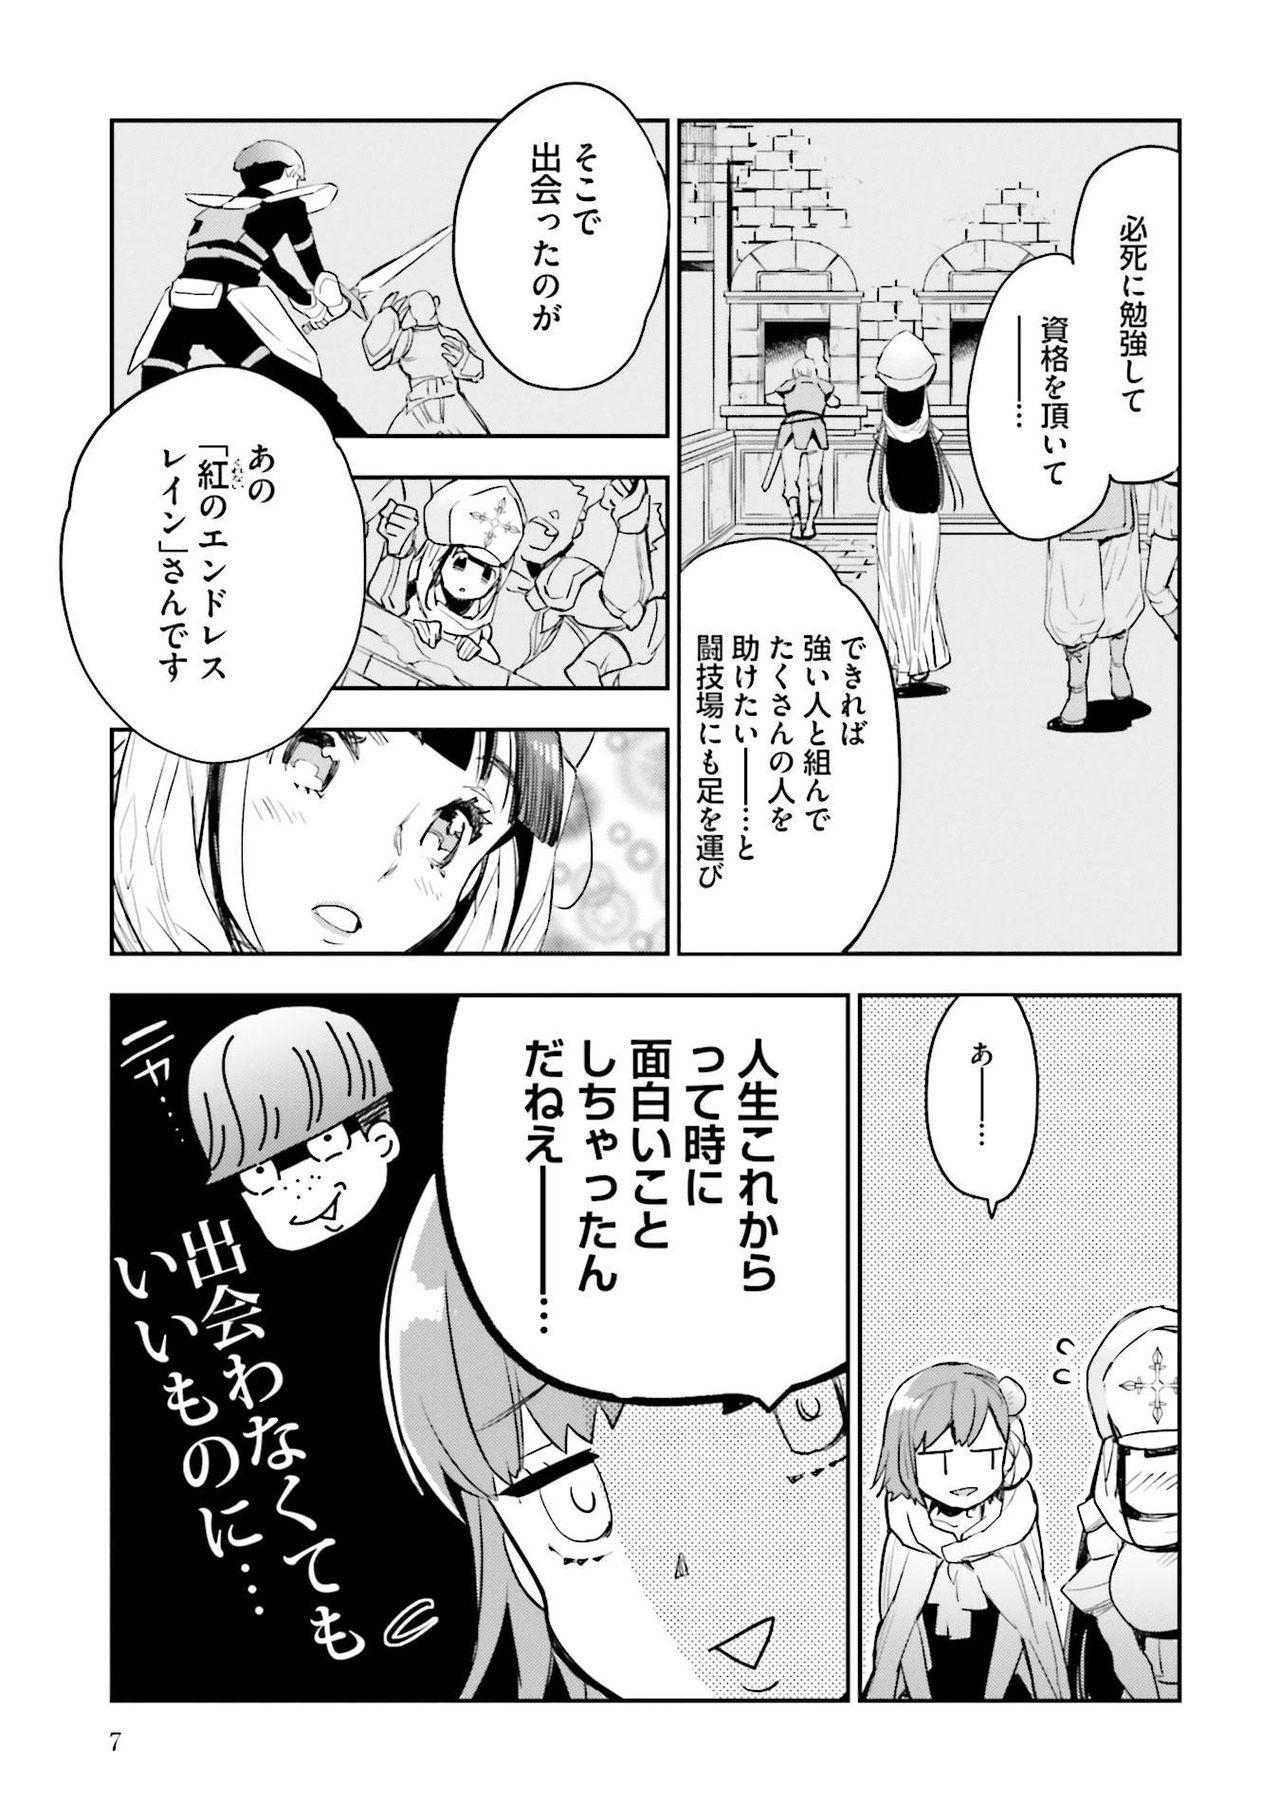 JK Haru wa Isekai de Shoufu ni Natta 1-14 195